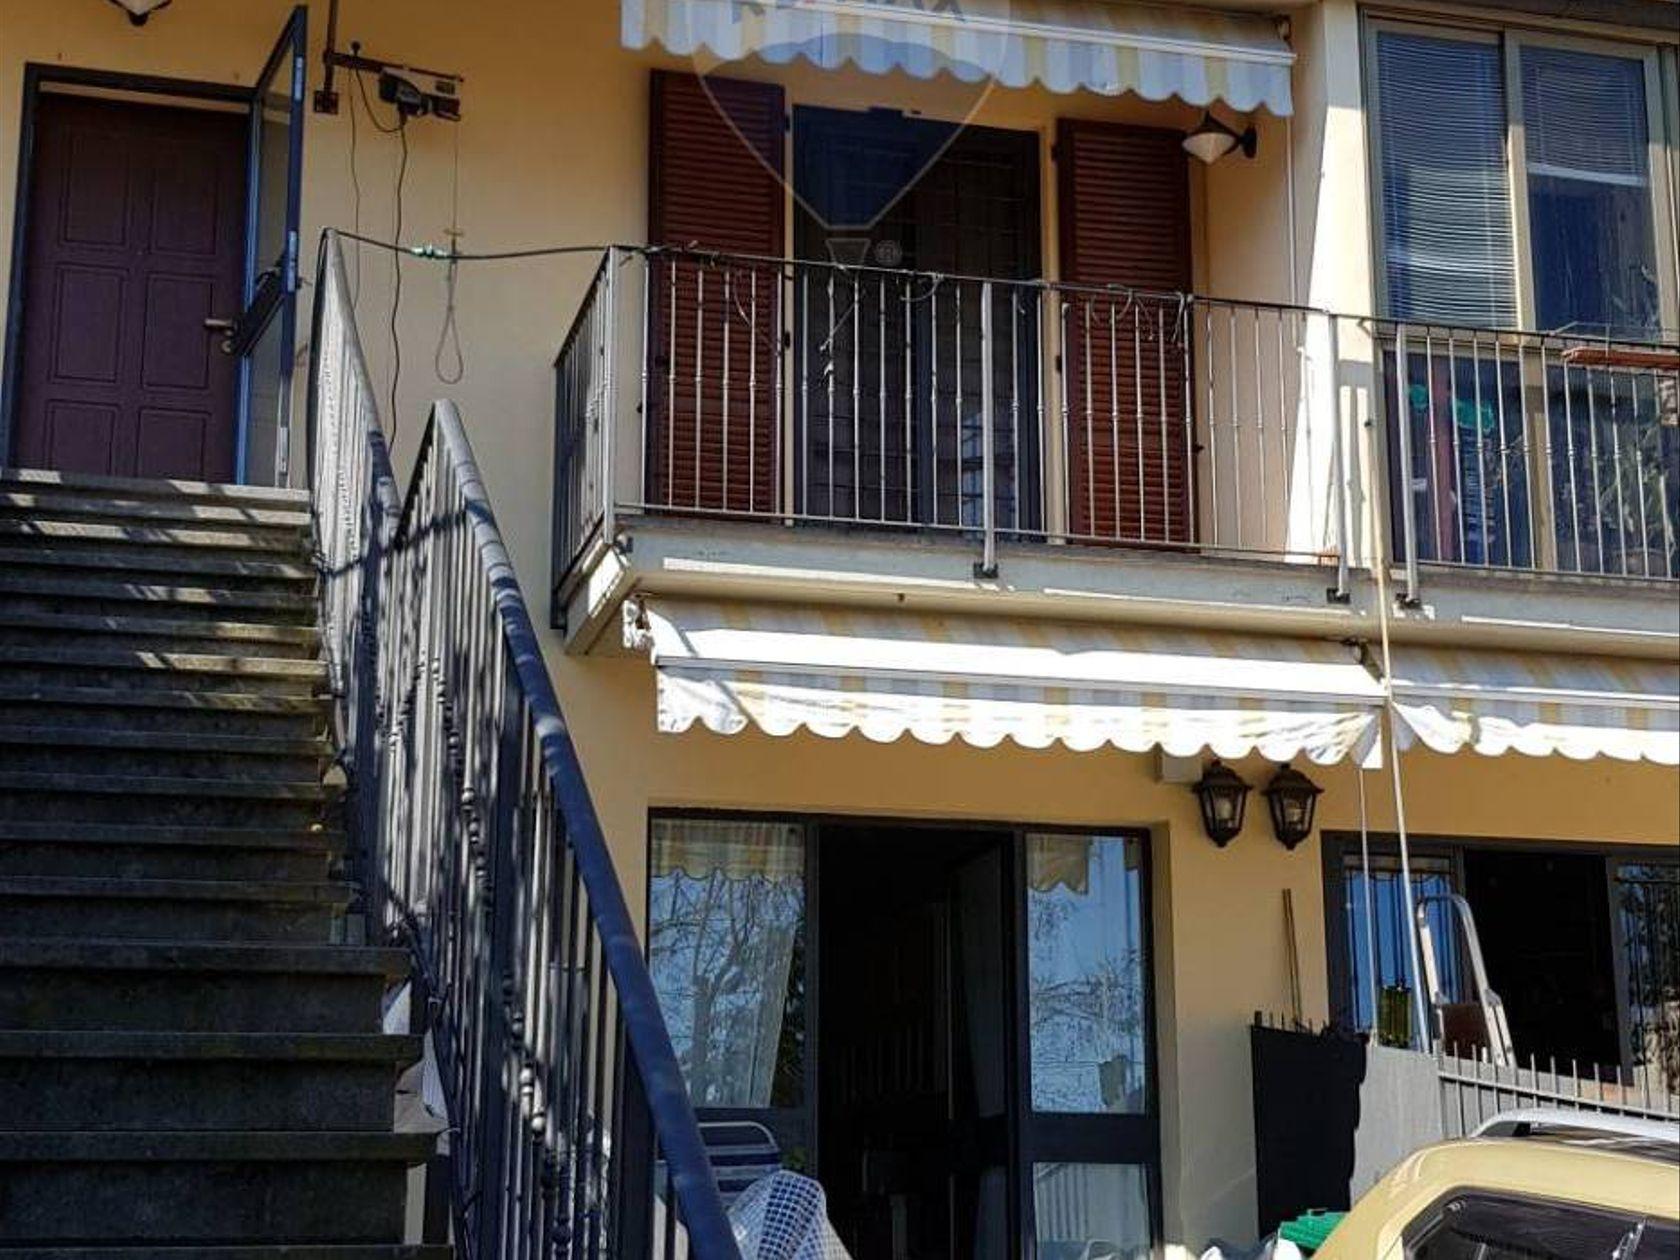 Casa Indipendente Mangona, Barberino di Mugello, FI Vendita - Foto 20